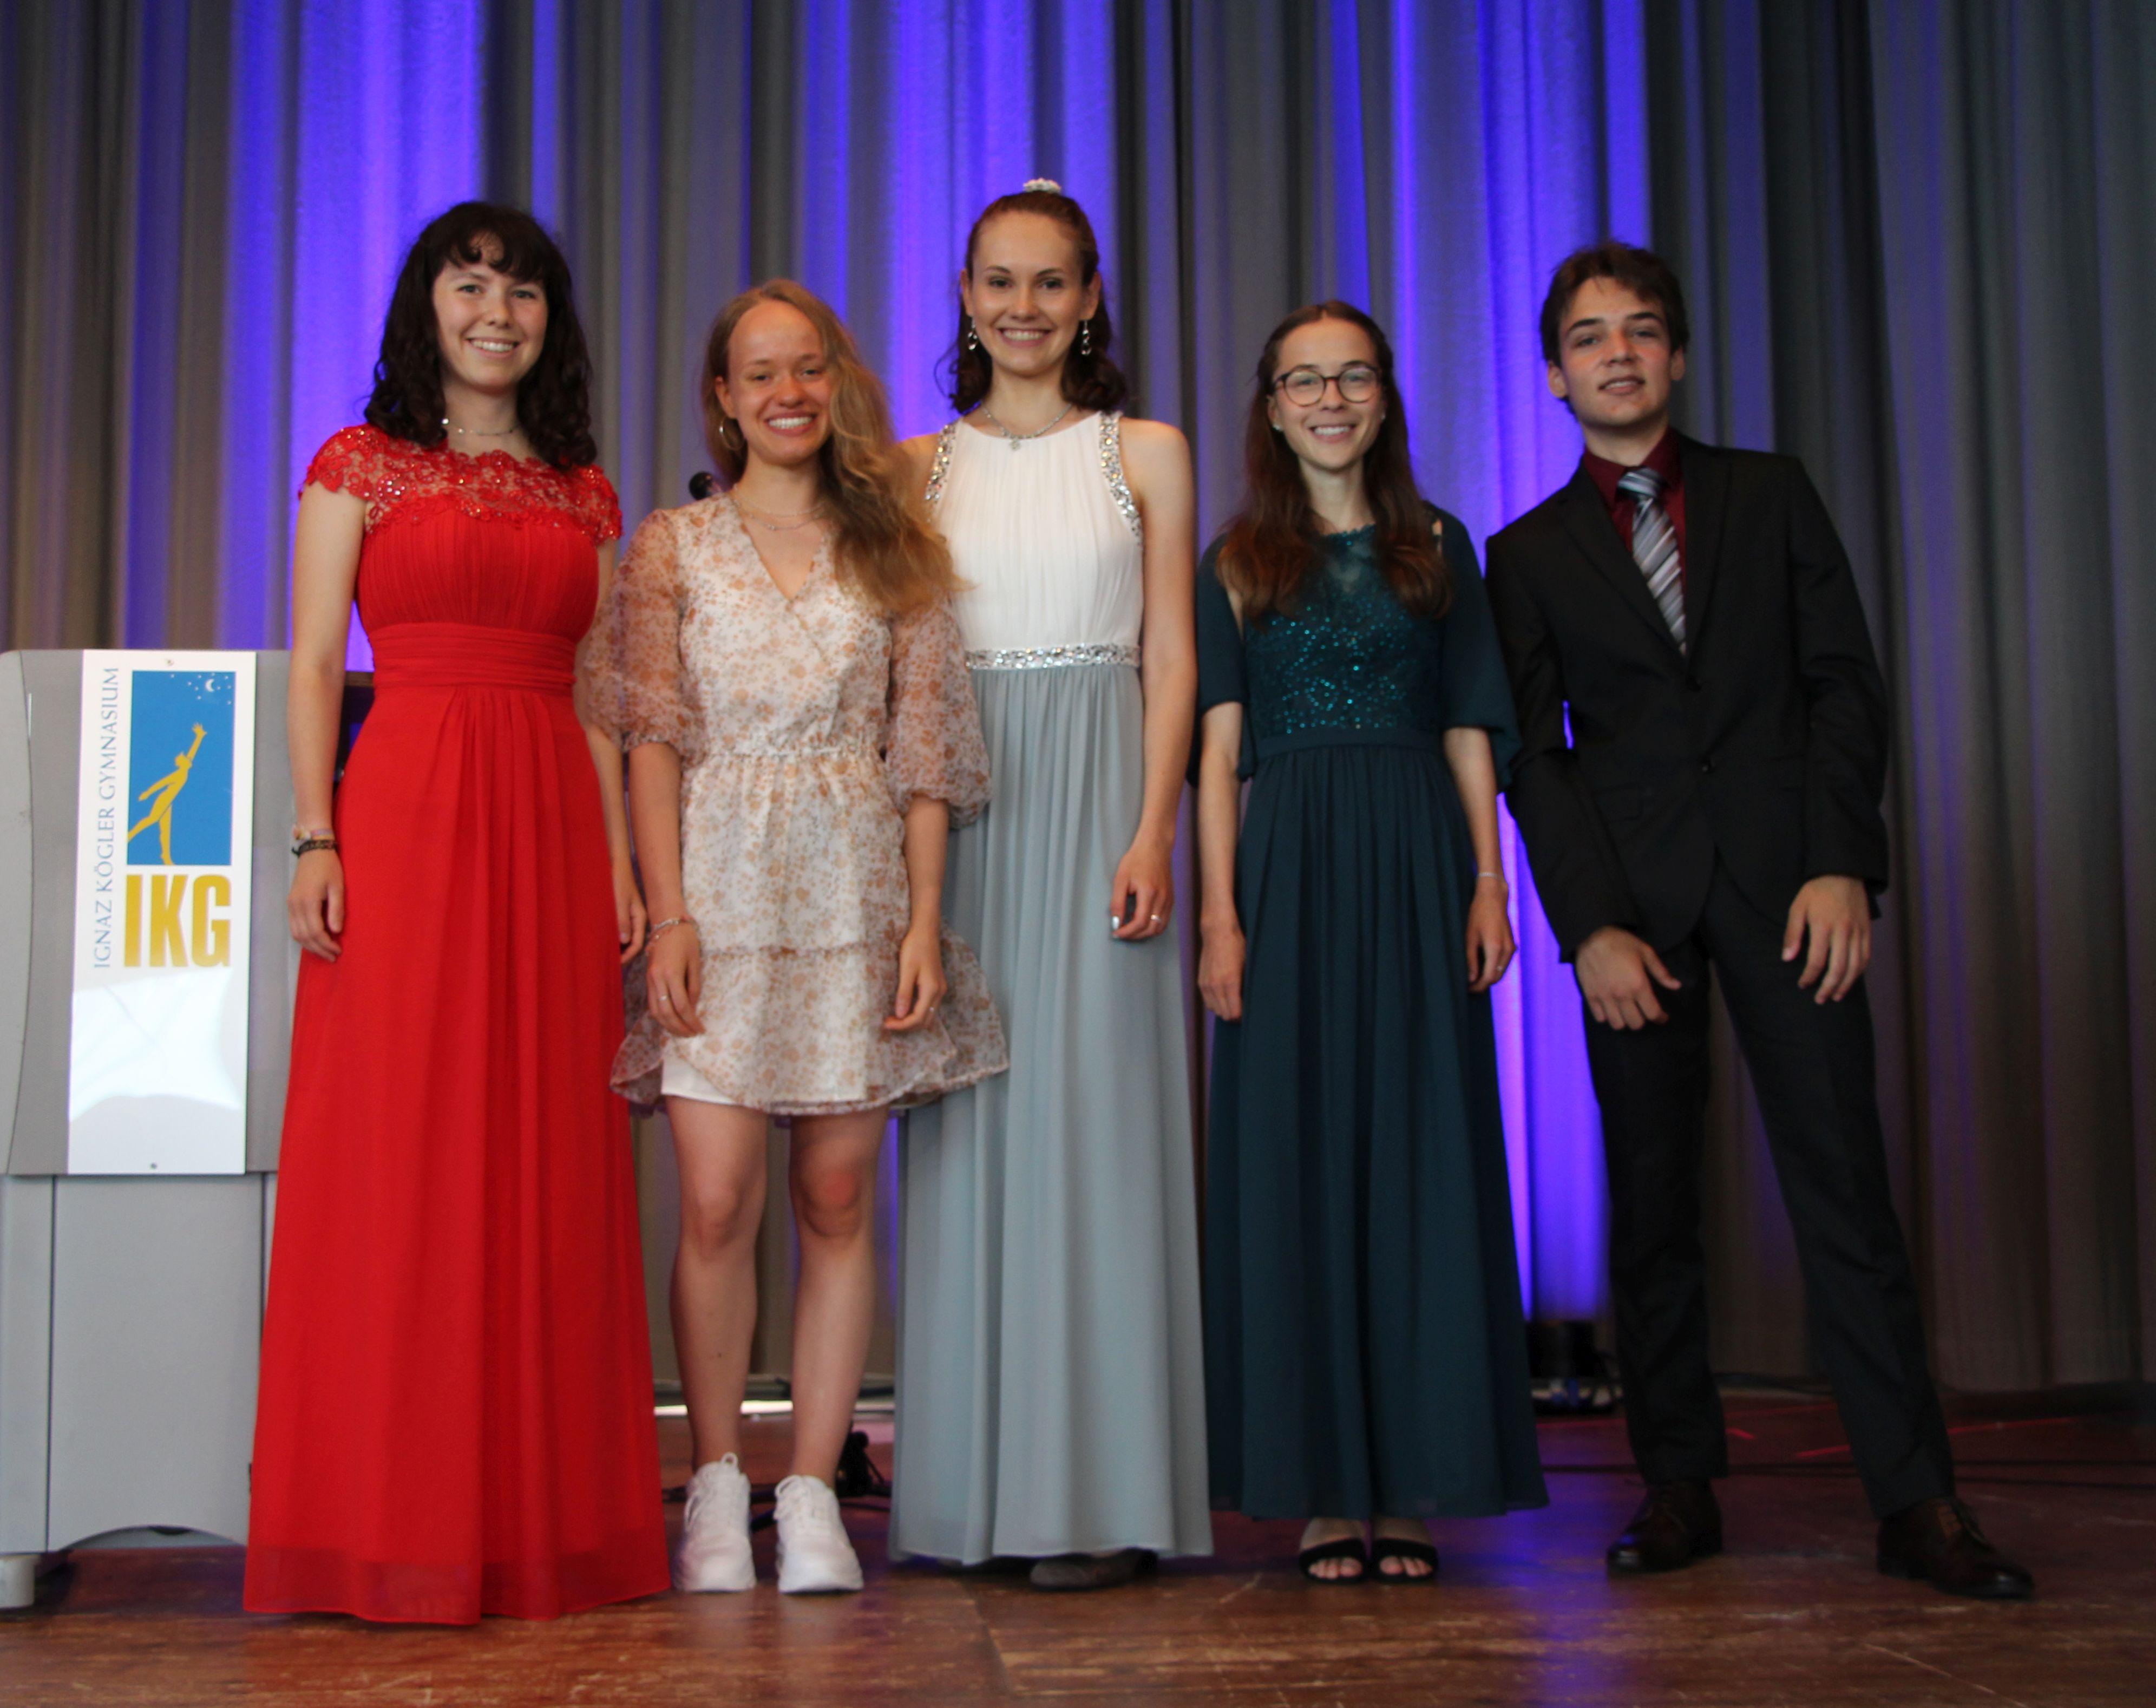 Abitur 2020: Tolle Ergebnisse – fünf Mal die Traumnote 1,0!